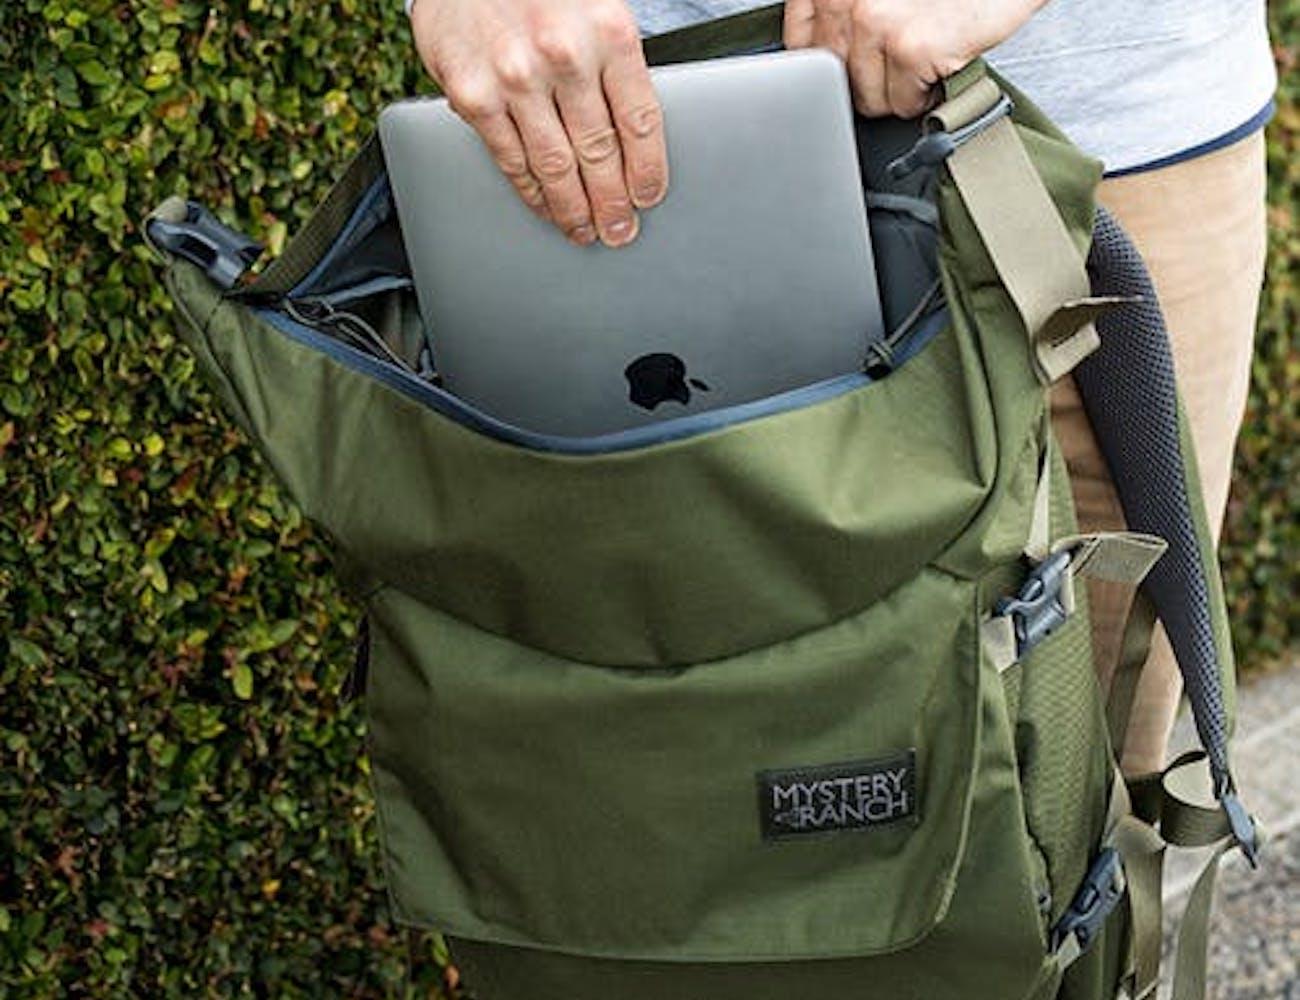 Mystery Ranch Street Zen EDC Laptop Backpack